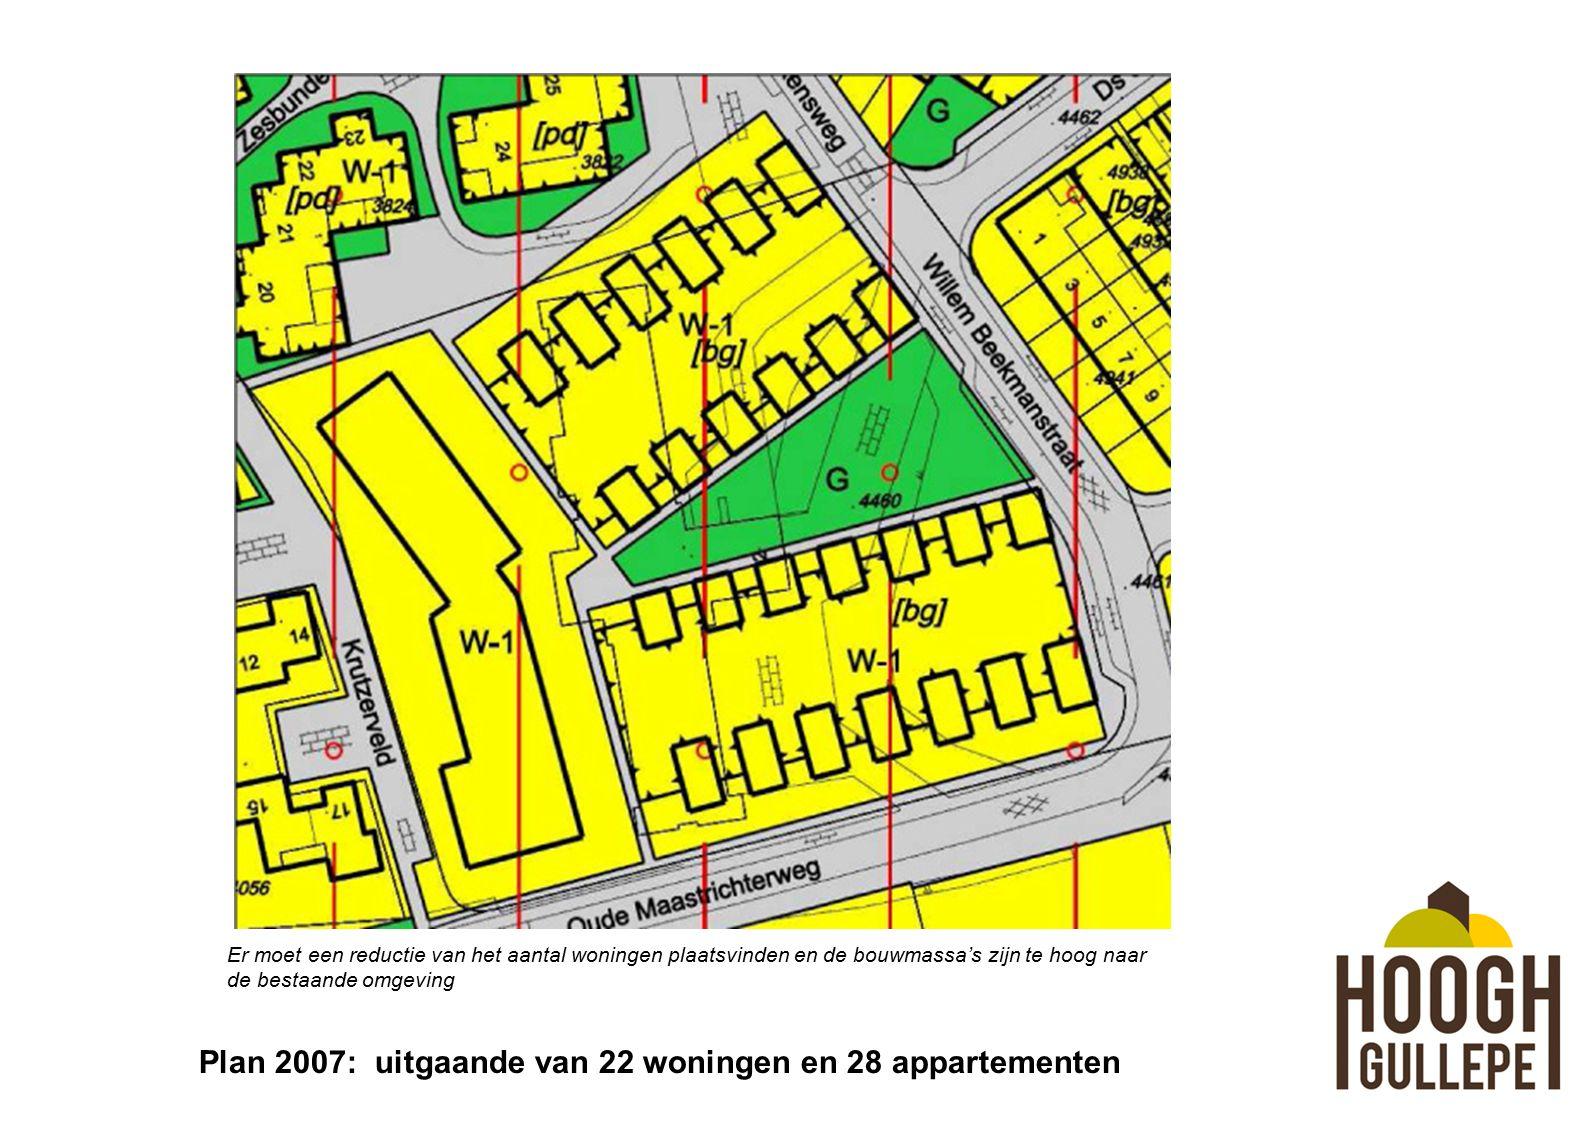 Plan 2007: uitgaande van 22 woningen en 28 appartementen Er moet een reductie van het aantal woningen plaatsvinden en de bouwmassa's zijn te hoog naar de bestaande omgeving